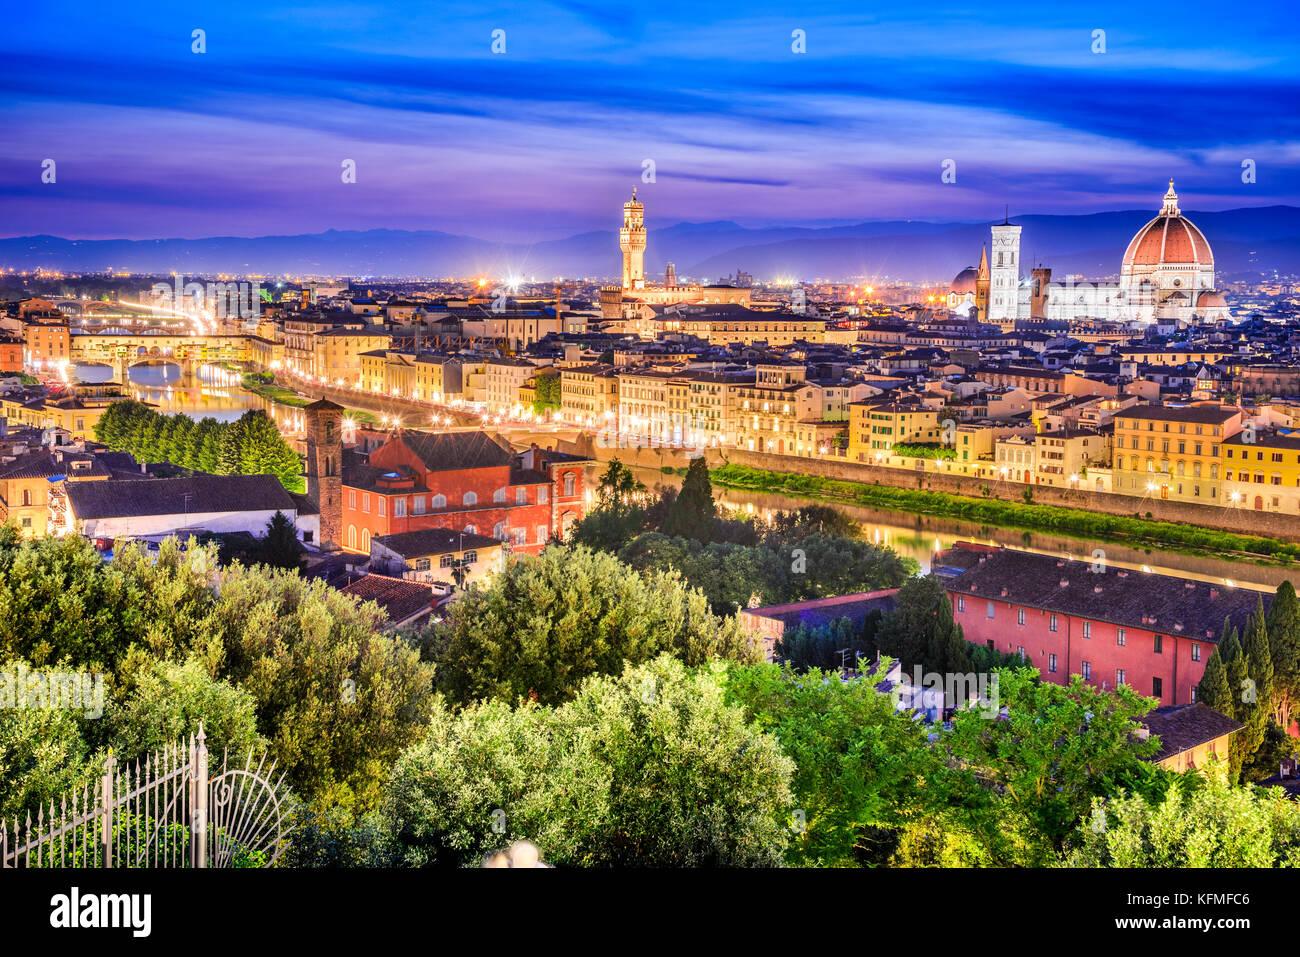 Florence, Tuscany - Night scenery with Duomo Santa Maria del Fiori and Palazzo Vecchio, Renaissance architecture Stock Photo